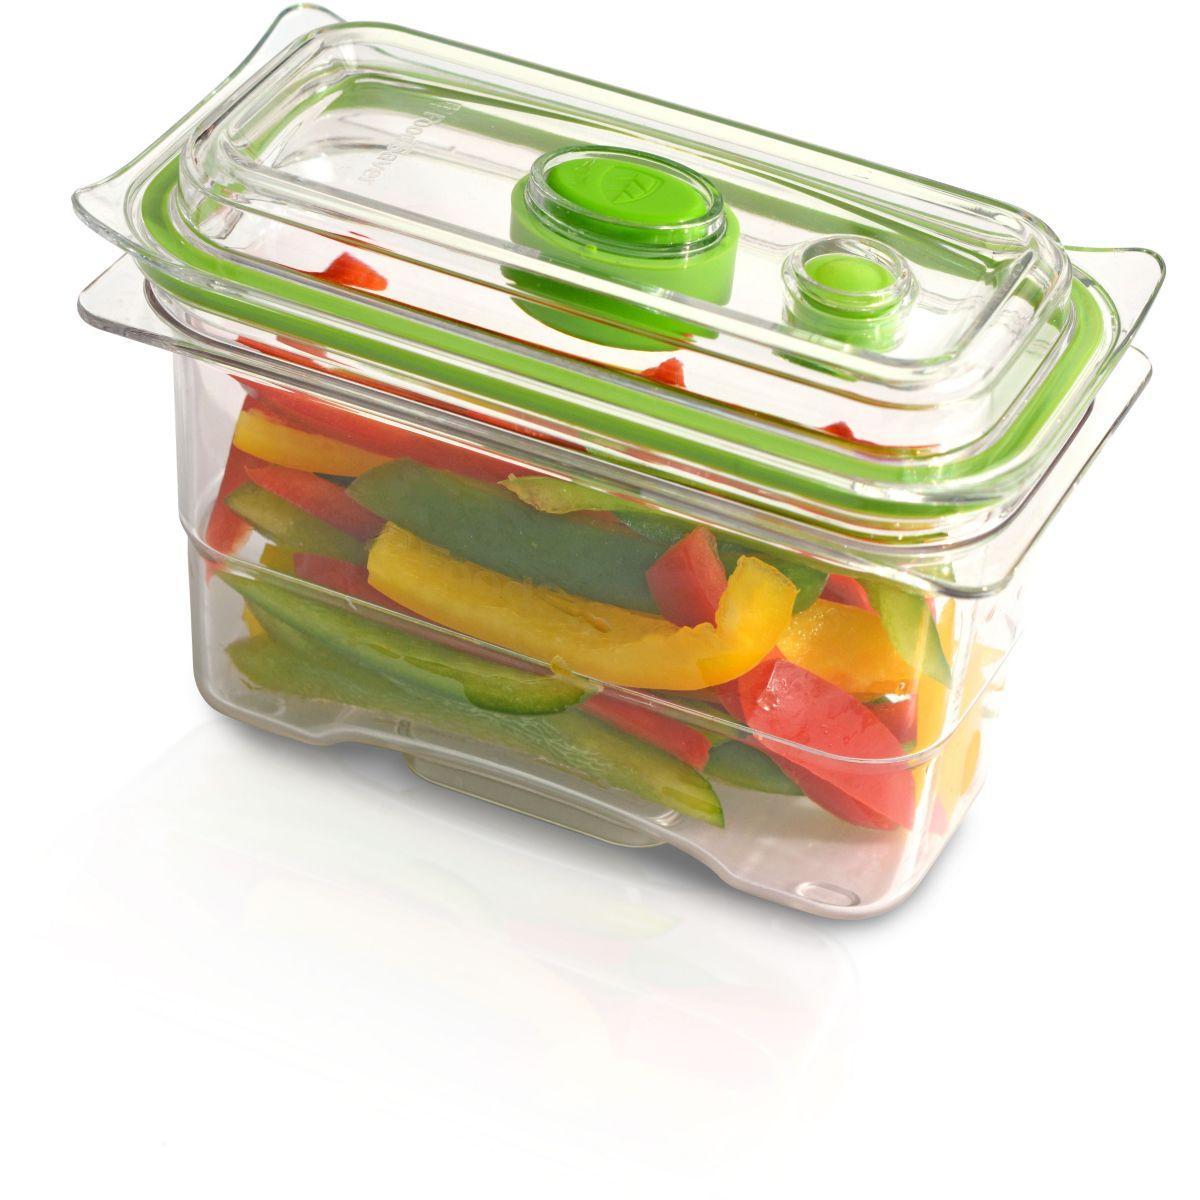 Accessoire food saver ffc002x boîte fraî - produit coup de coeur webdistrib.com ! (photo)